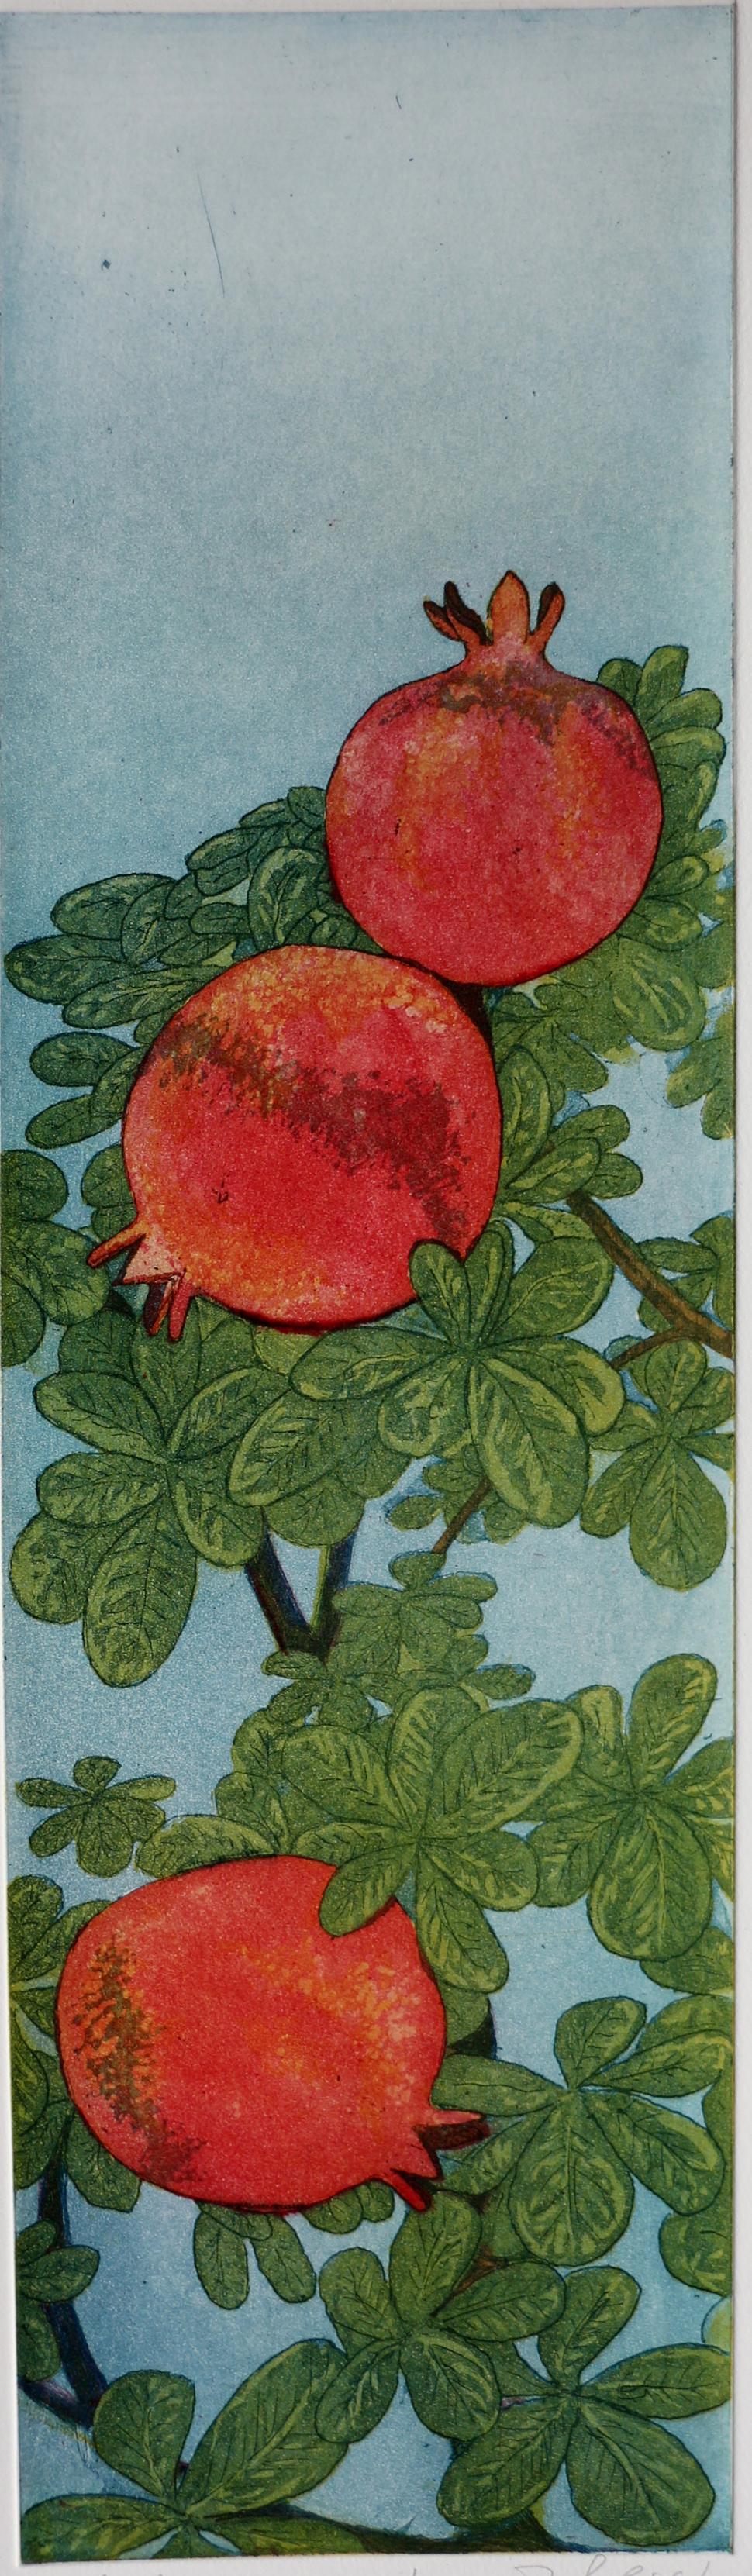 429-Granatäpfel-150.-€